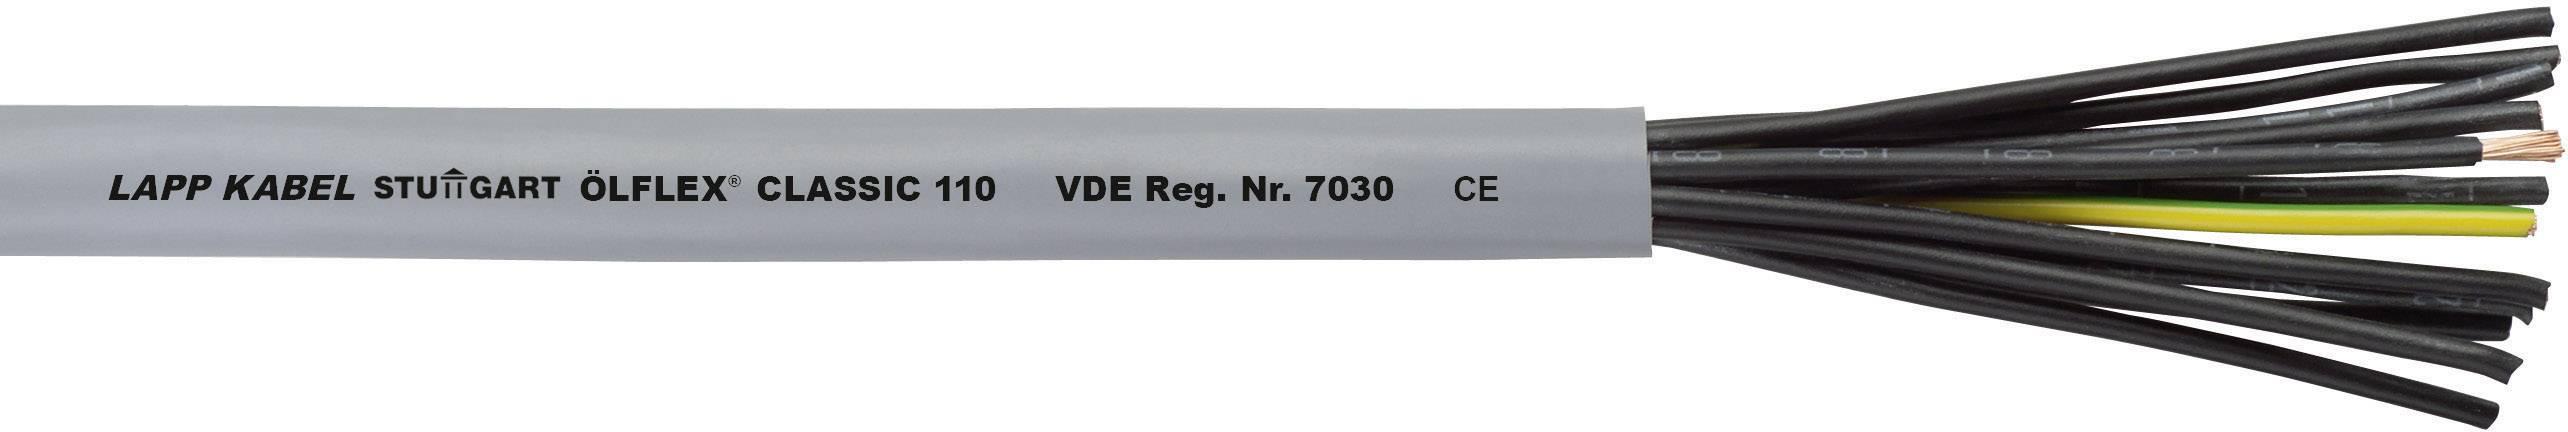 Riadiaci kábel LappKabel ÖLFLEX® CLASSIC 110 1119125, 25 G 0.75 mm², vonkajší Ø 13.80 mm, 500 V, metrový tovar, sivá